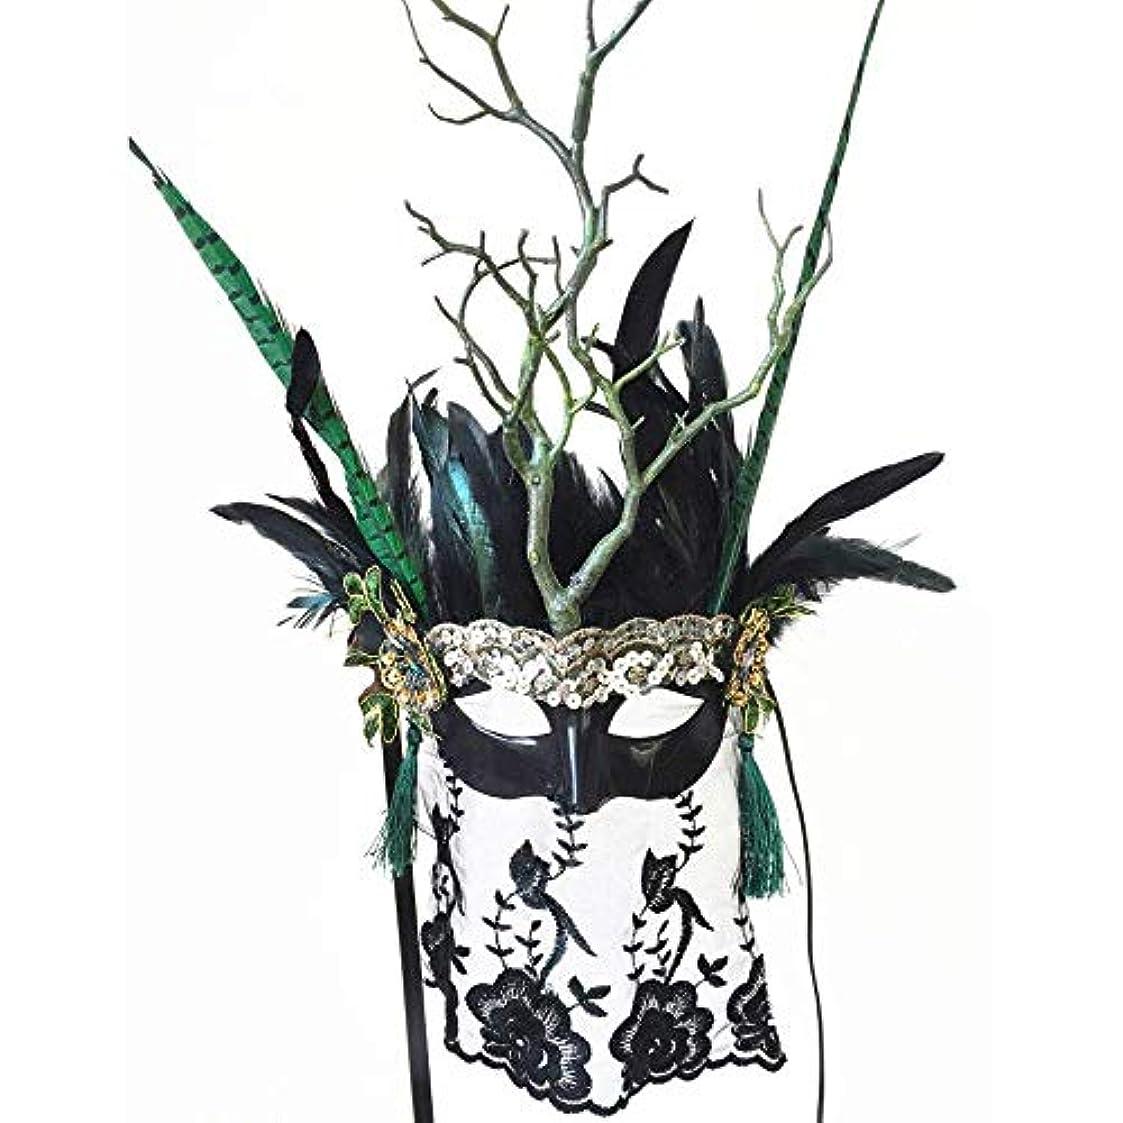 トロピカル勤勉な悪因子Nanle ハロウィーンクリスマスドライブランチレースフェザースパンコールタッセルベールマスク仮装マスクレディミスプリンセス美しさの祭りパーティー装飾マスク (色 : Style A)